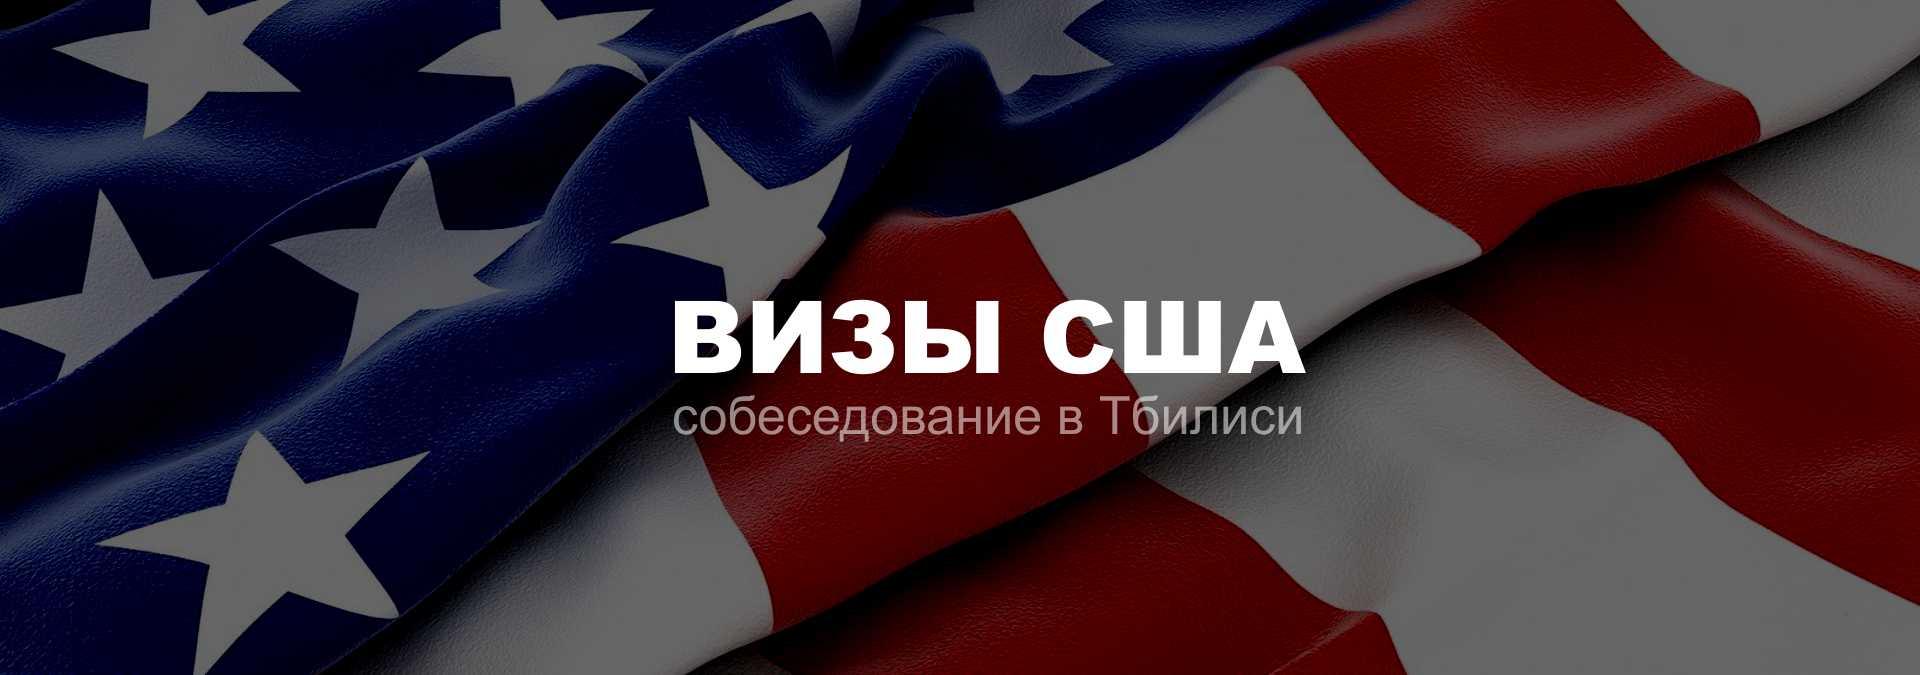 Виза в америку во Владикавказе из Грузии